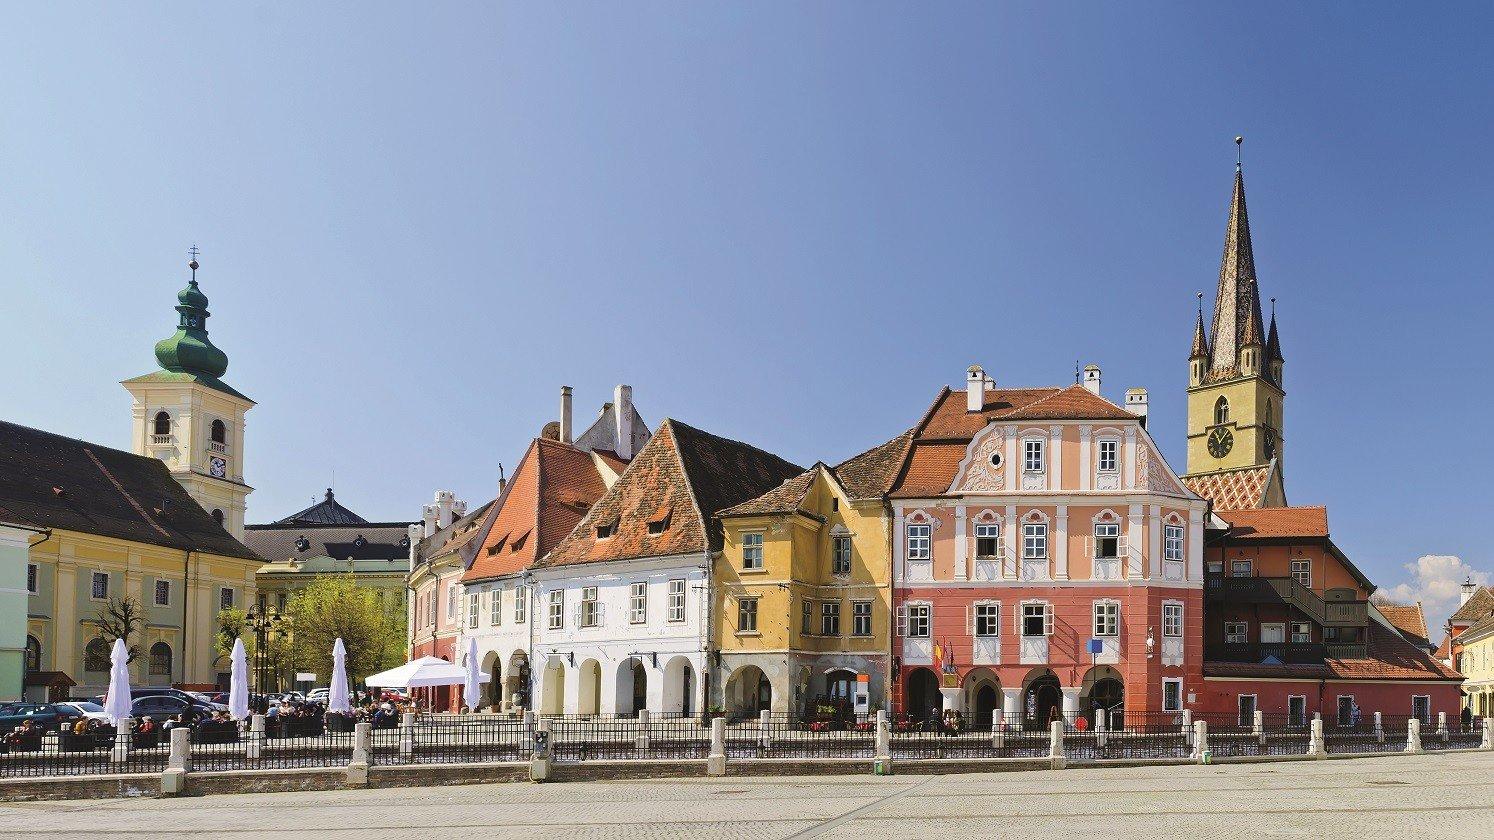 Der Marktplatz von Schäßburg